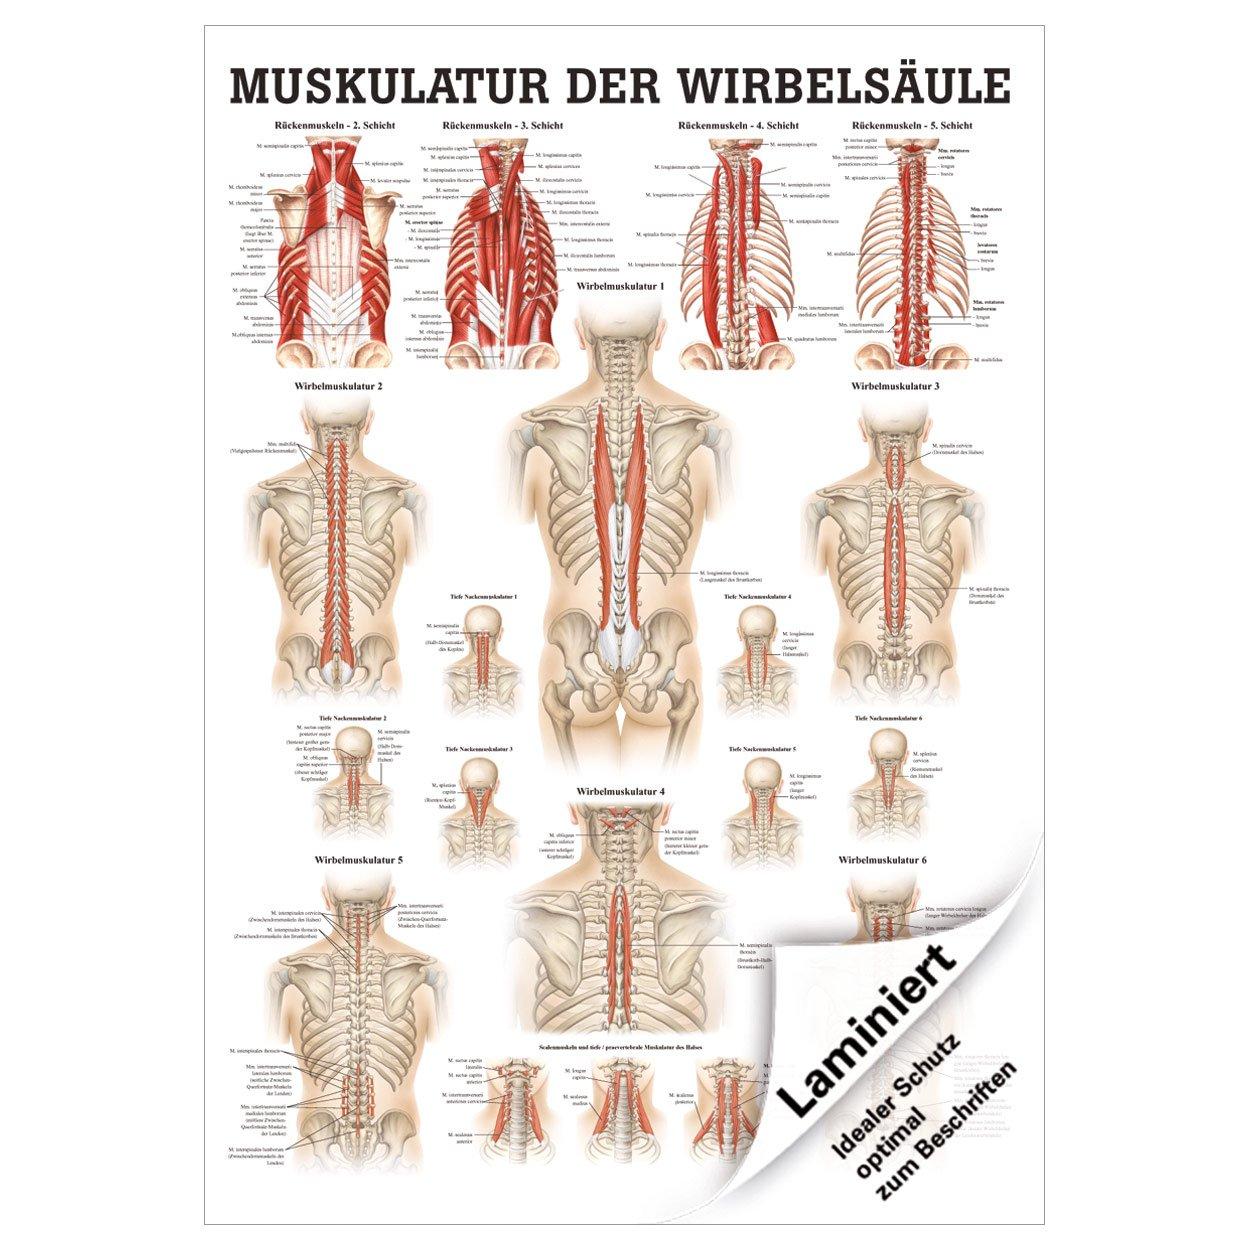 Muskulatur der Wirbelsäule Poster Anatomie 70x50 cm medizinische ...